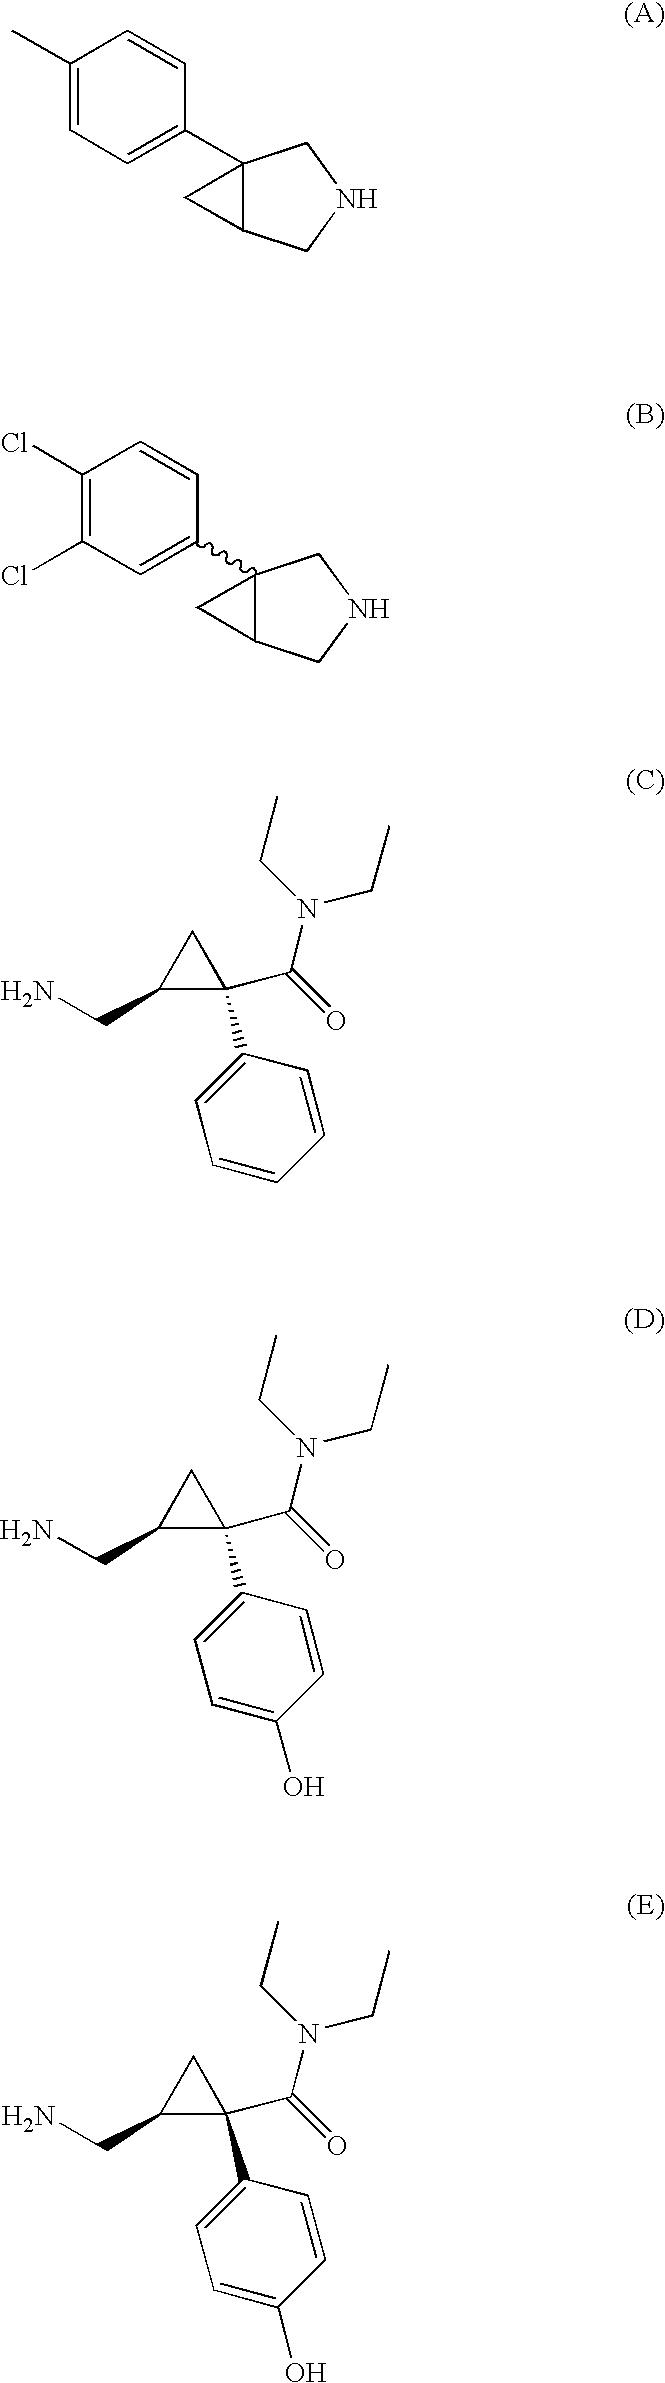 Figure US20050282859A1-20051222-C00018